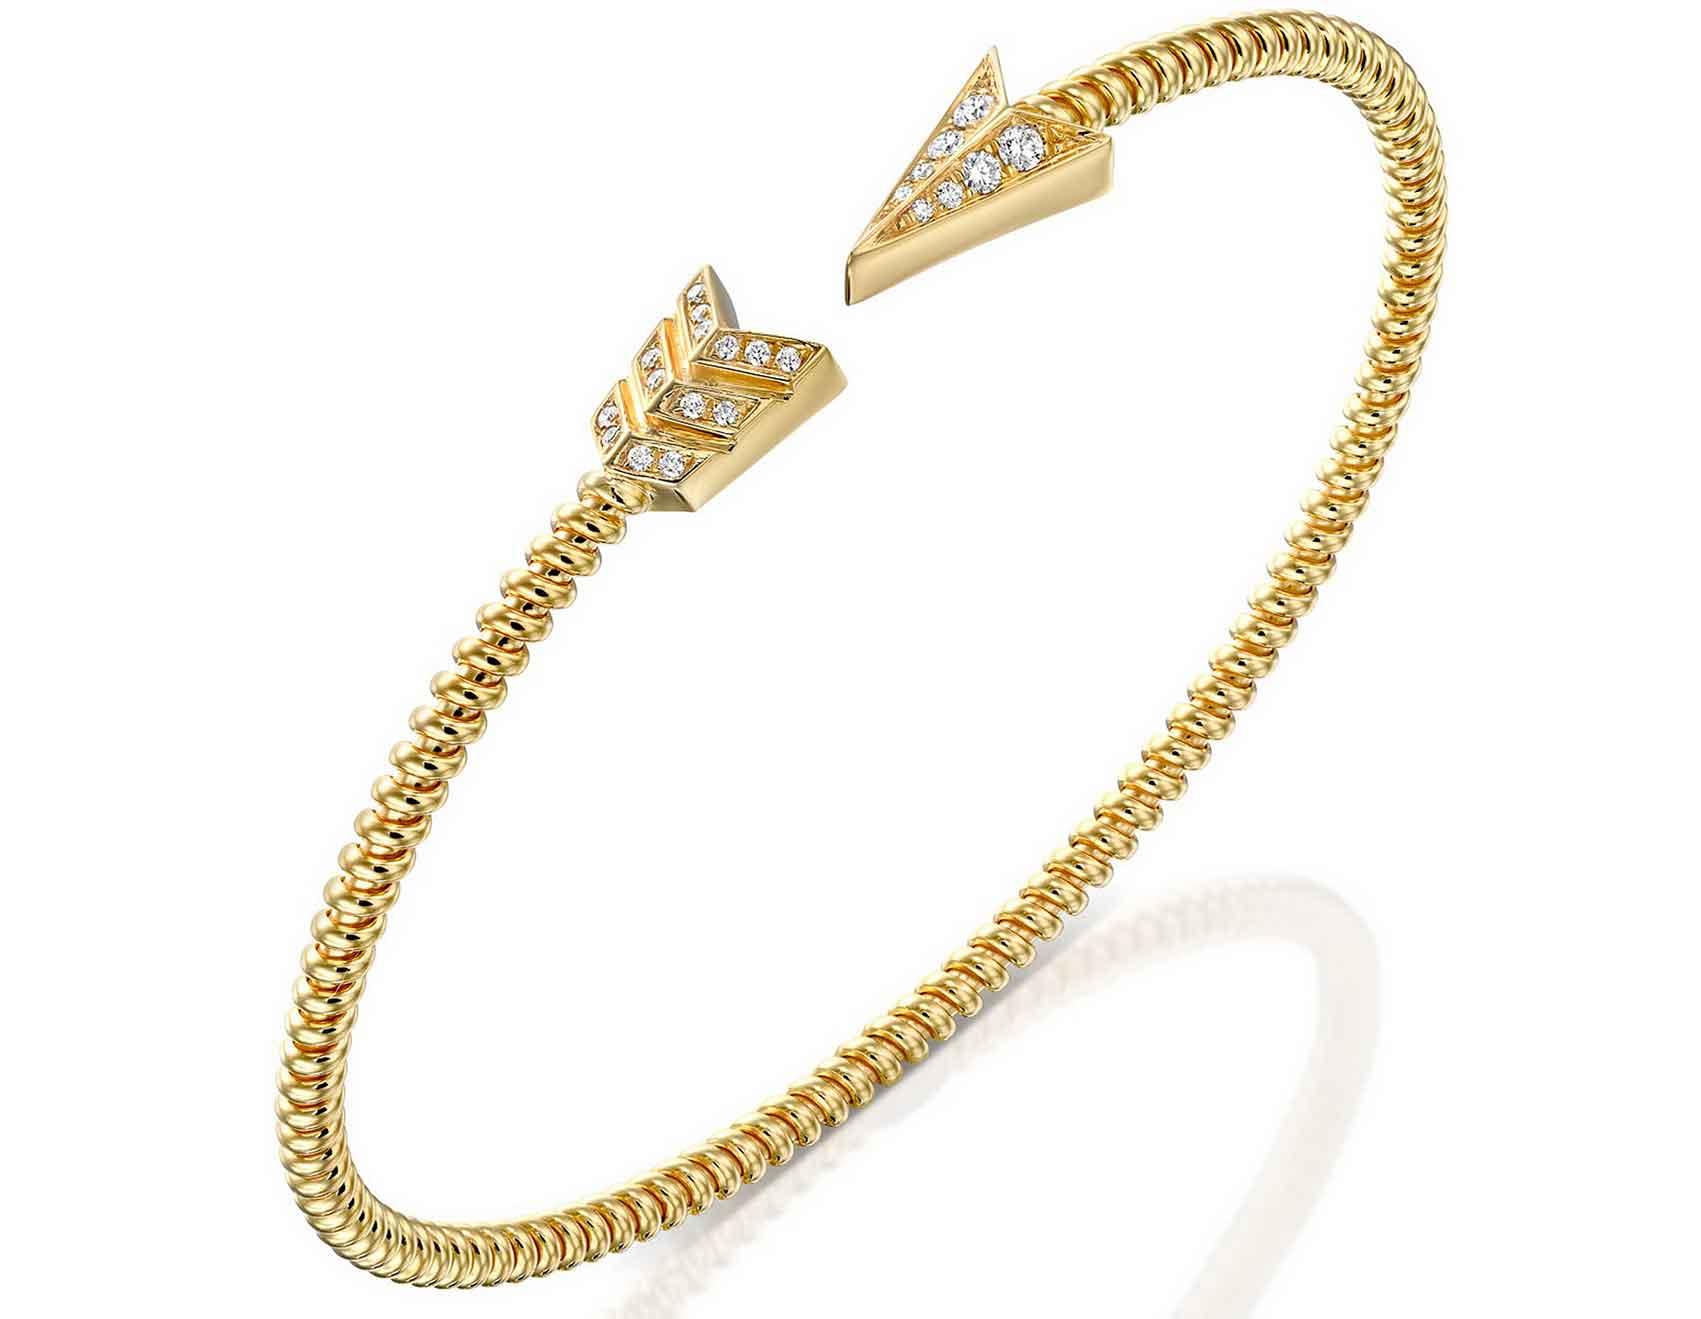 צמיד זהב של פדיני-אופנה